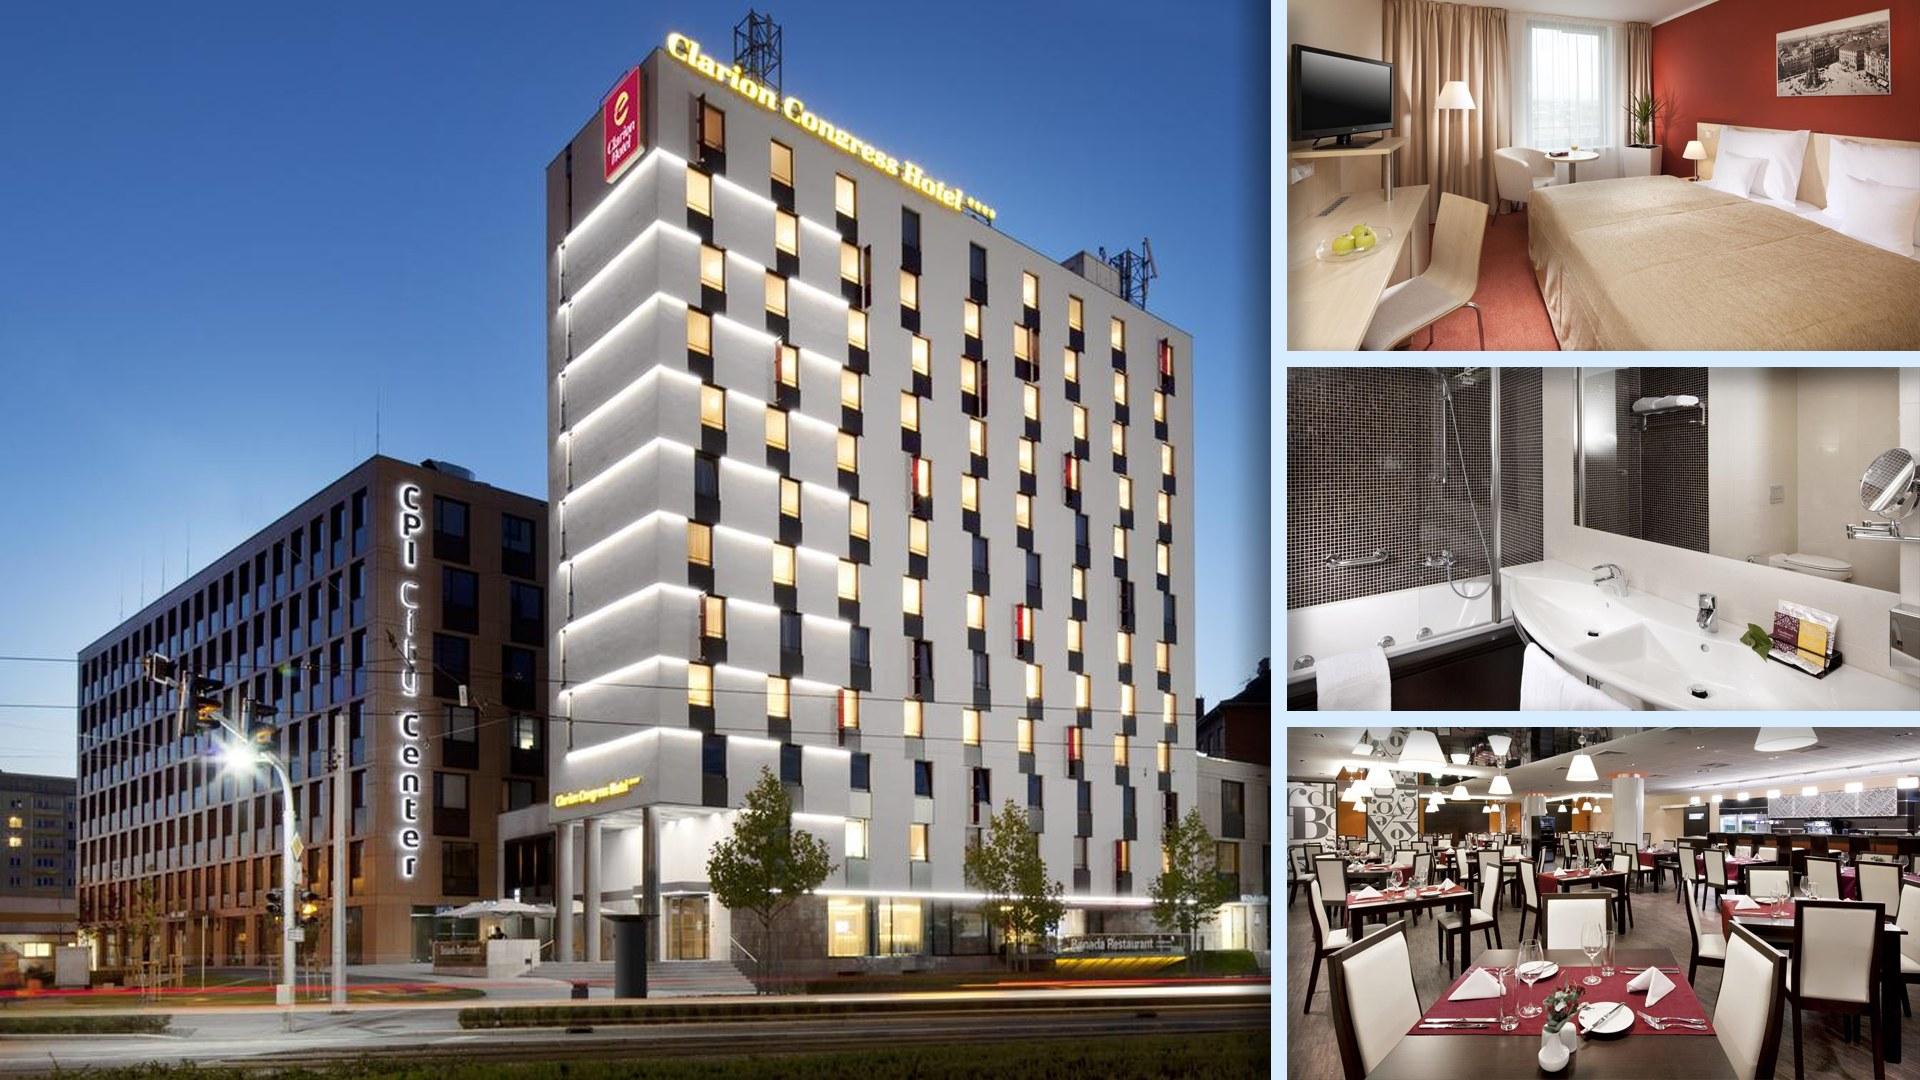 Clarion Congress Hotel Olomouc - Velký a moderní hotel na křižovatce